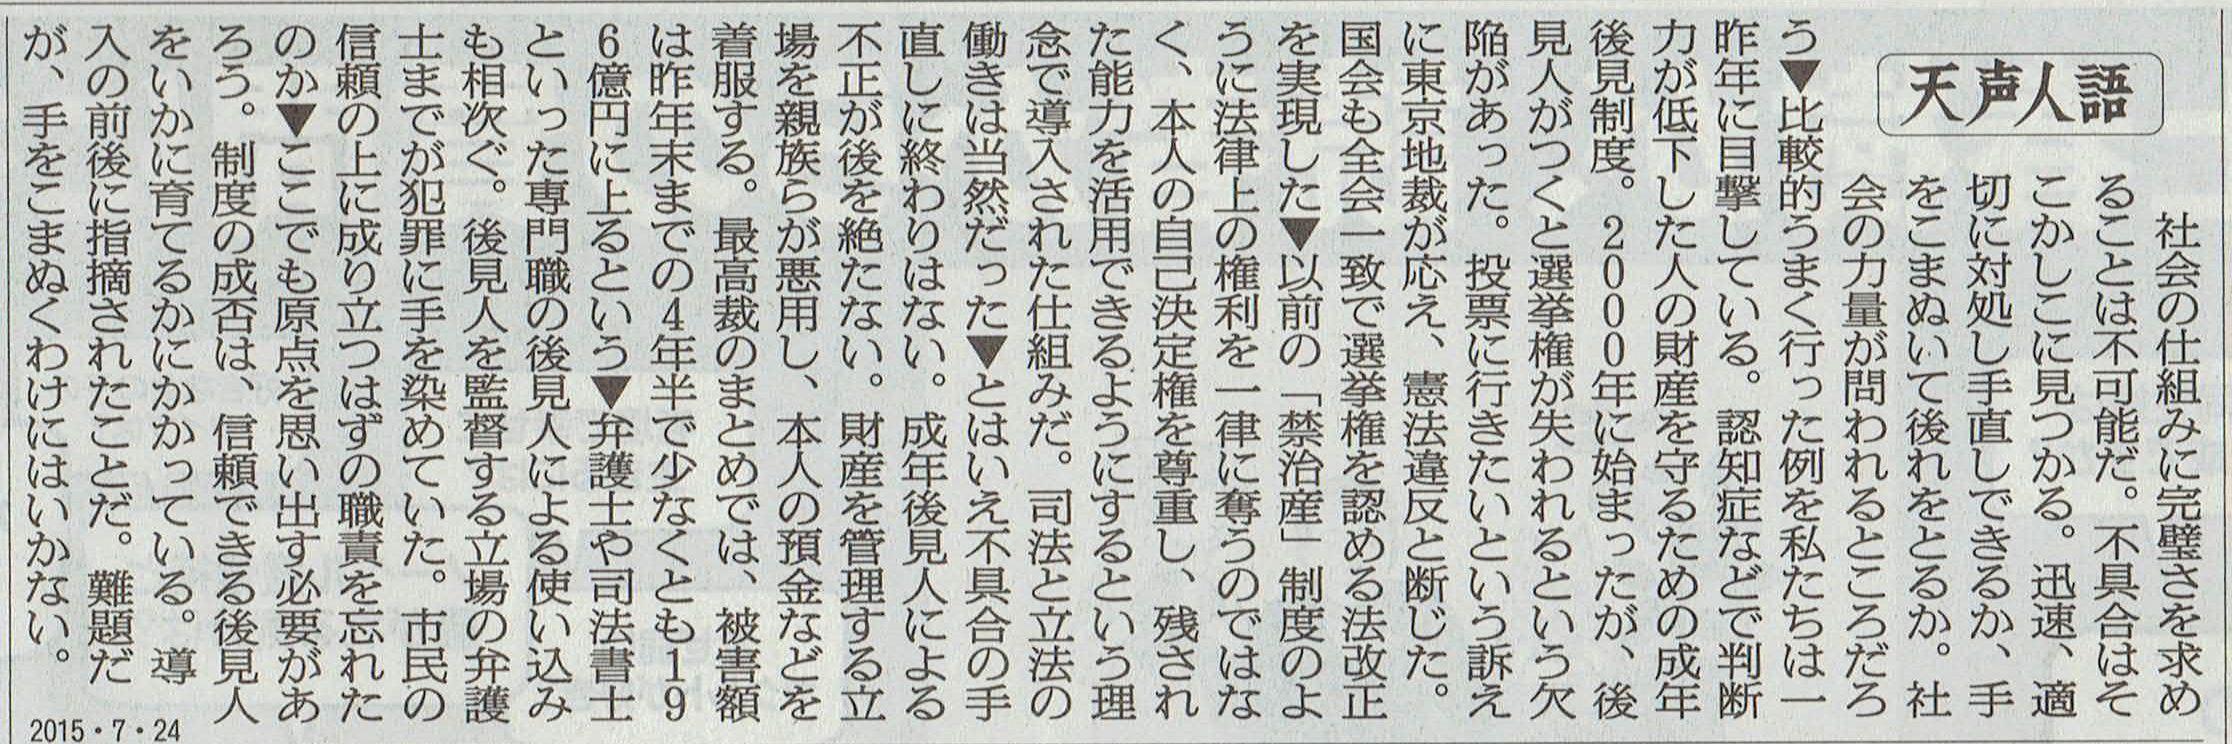 2015年7月24日前期「口承研究Ⅰ」第15回まとめ・敗戦70年その5_d0249595_6232195.jpg